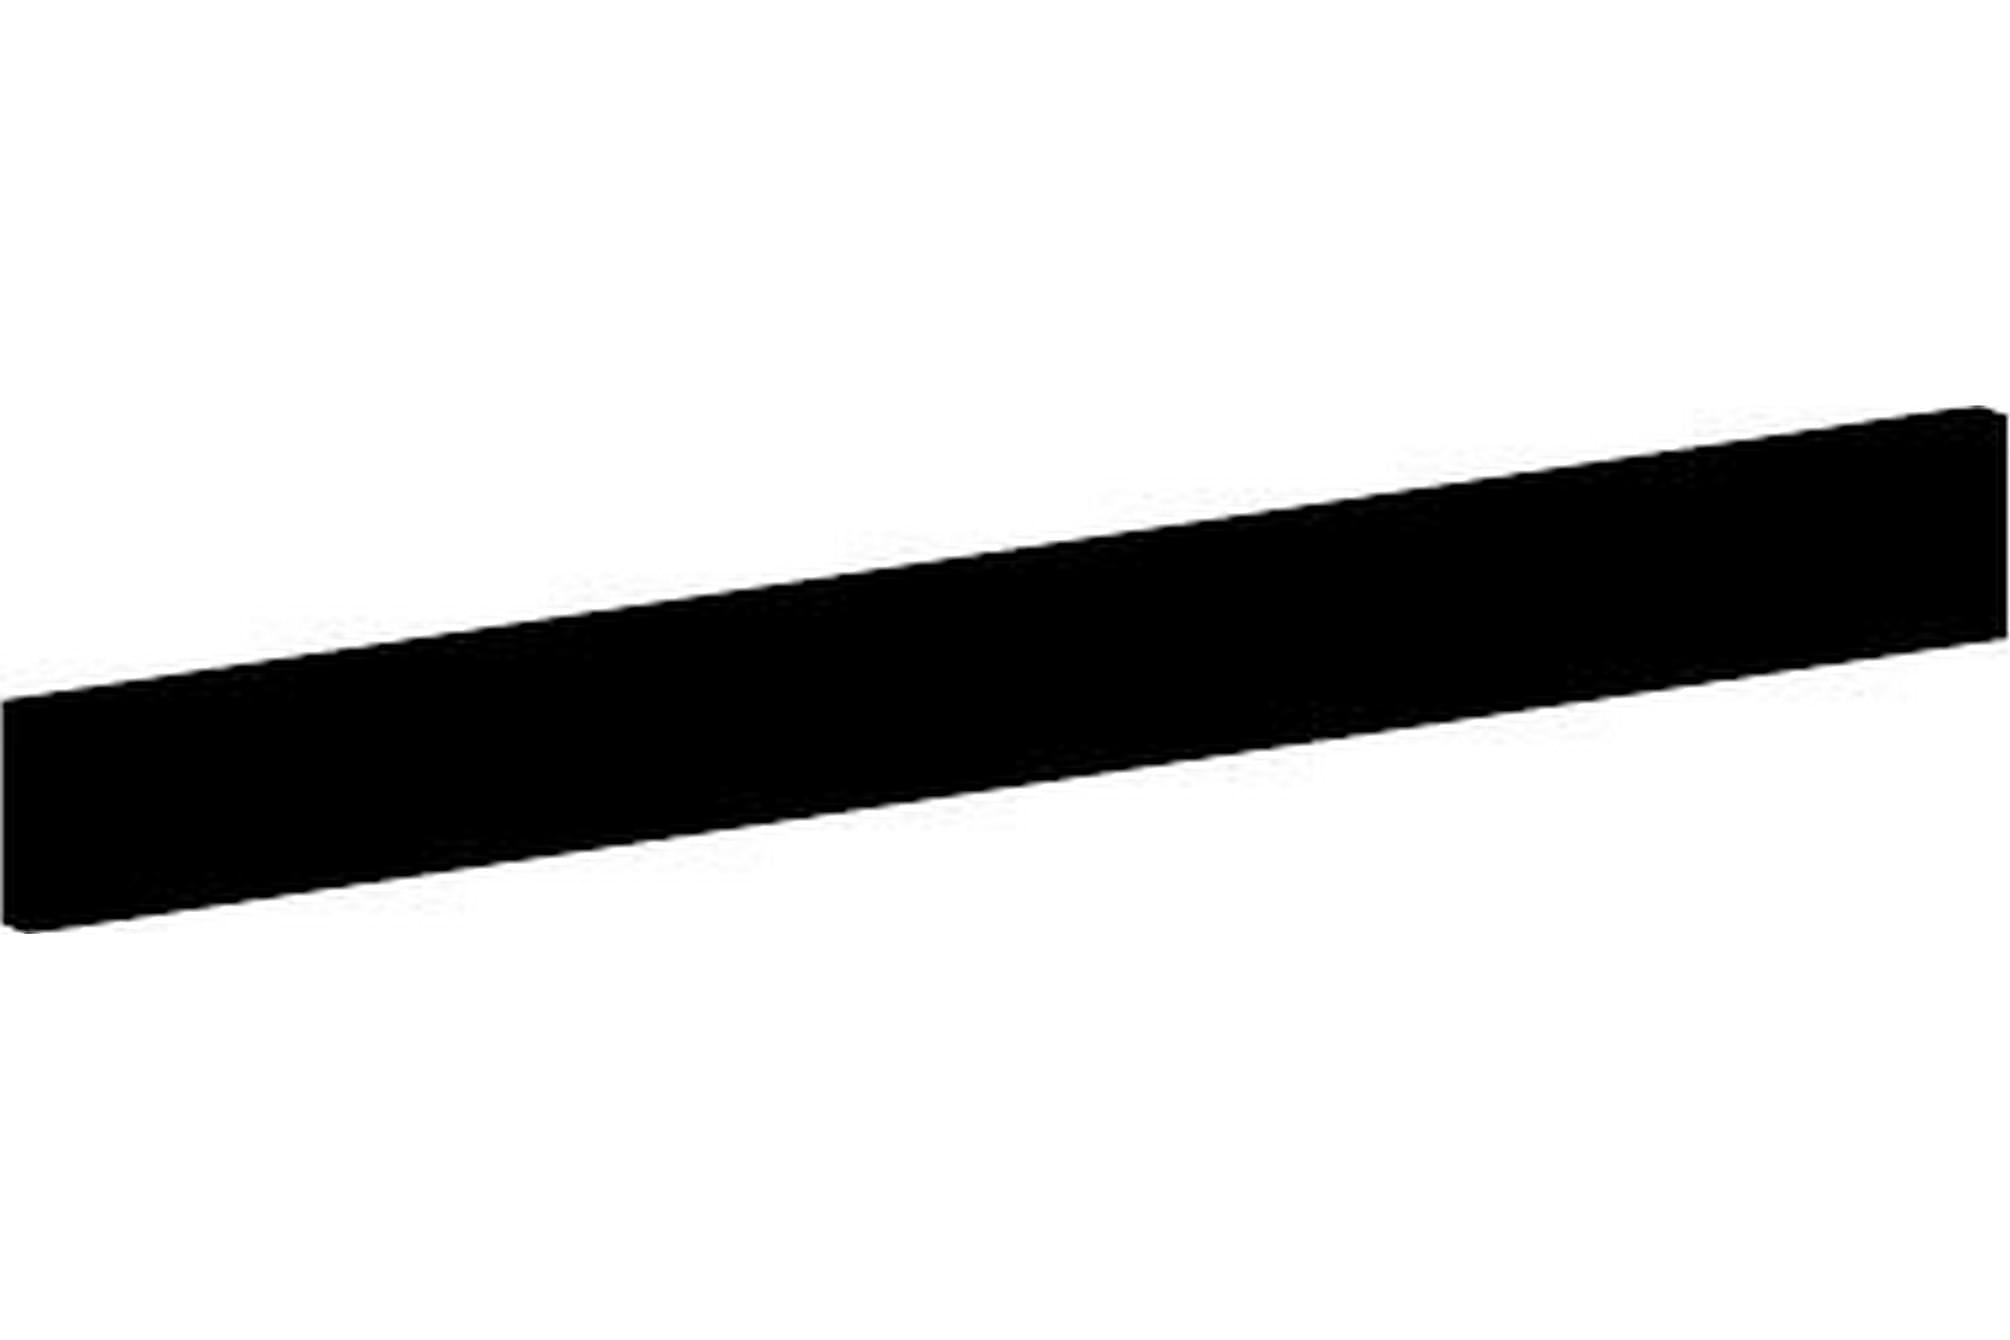 6 st. brädor till Pipe 28x120 mm x120 cm svart, Övriga trädgårdstillbehör